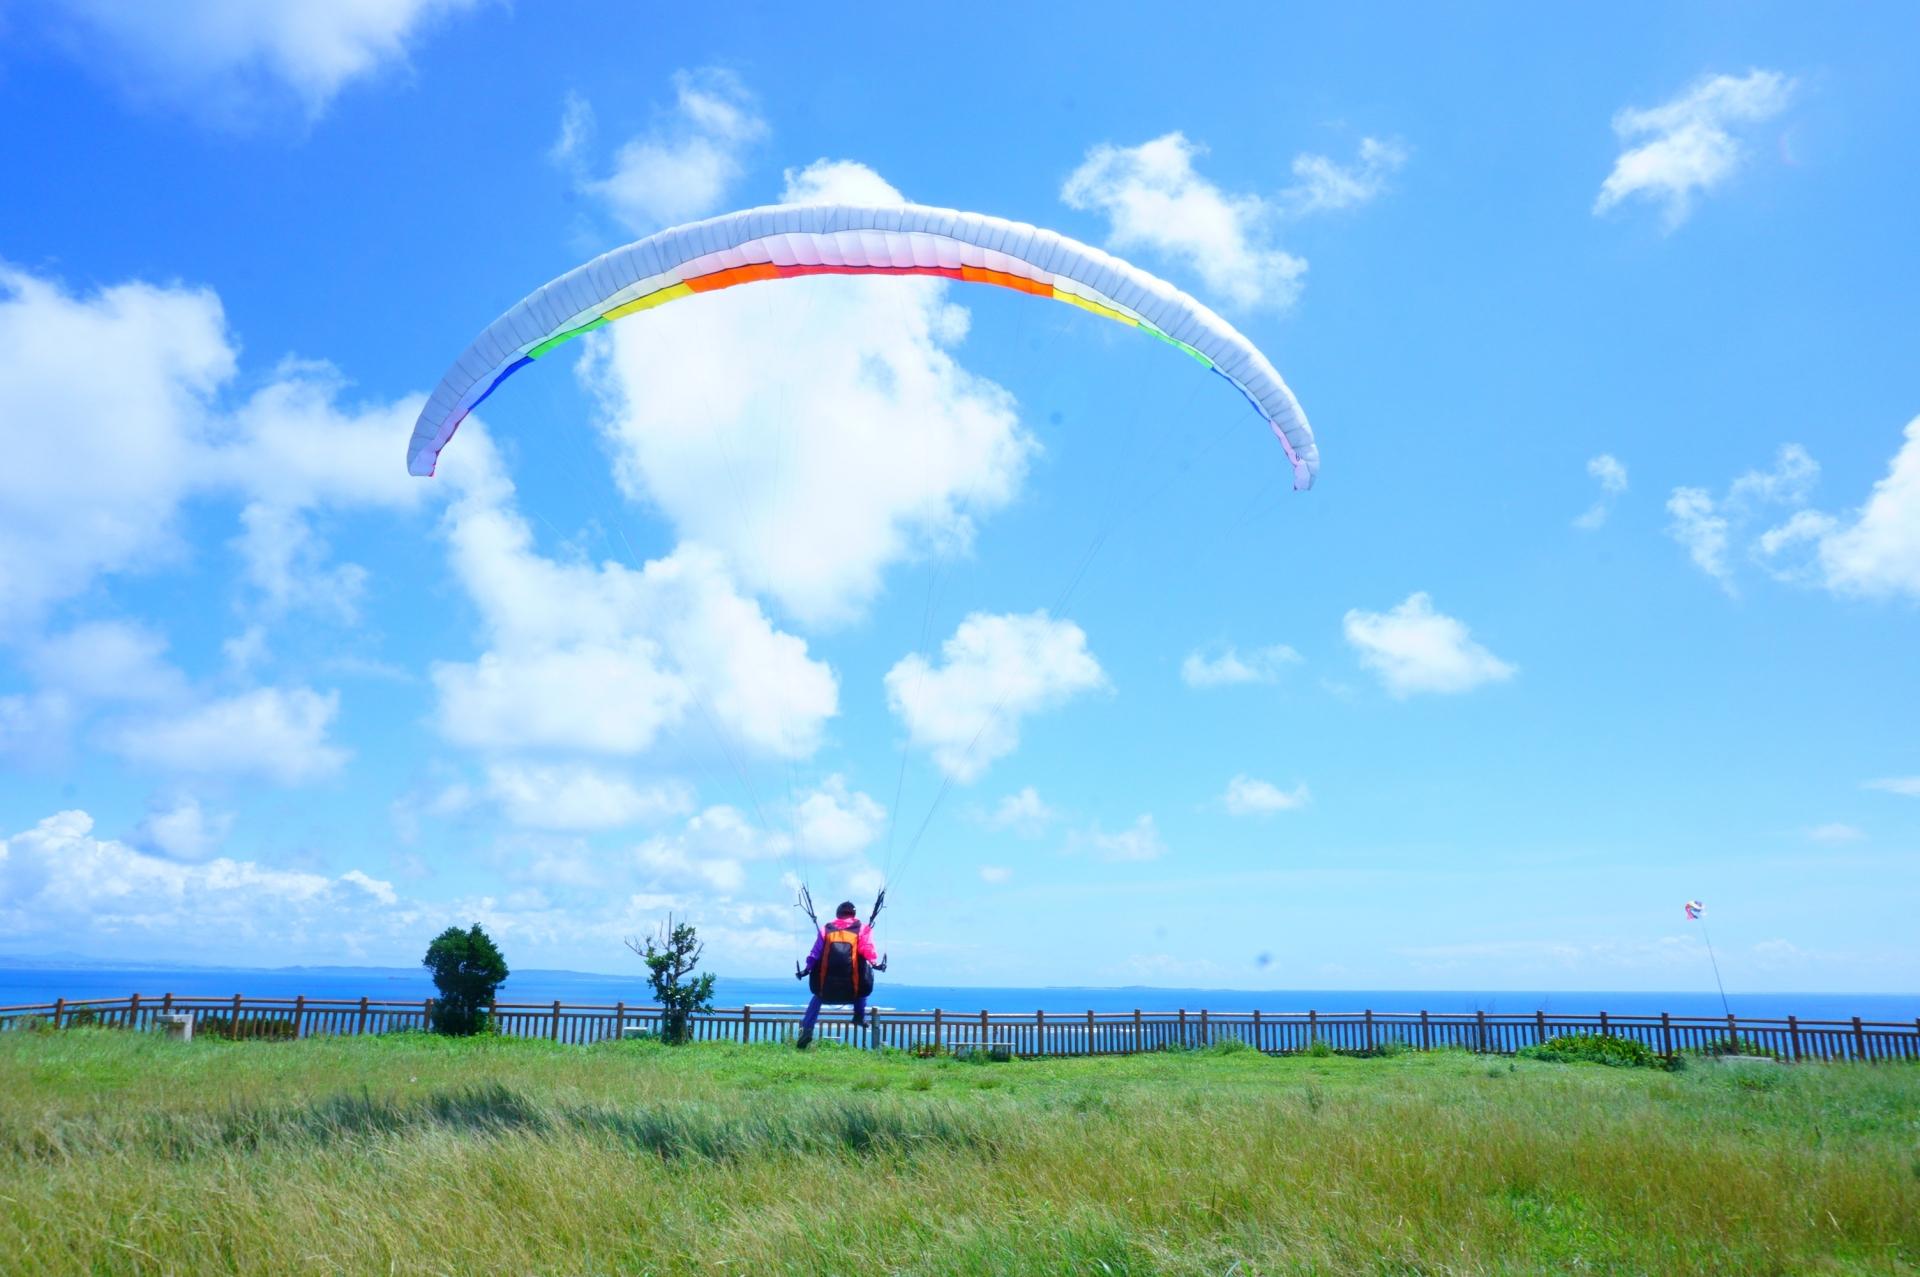 パラグライダーで気分爽快!東京都内&都内近郊でパラグライダーができるスポット5選